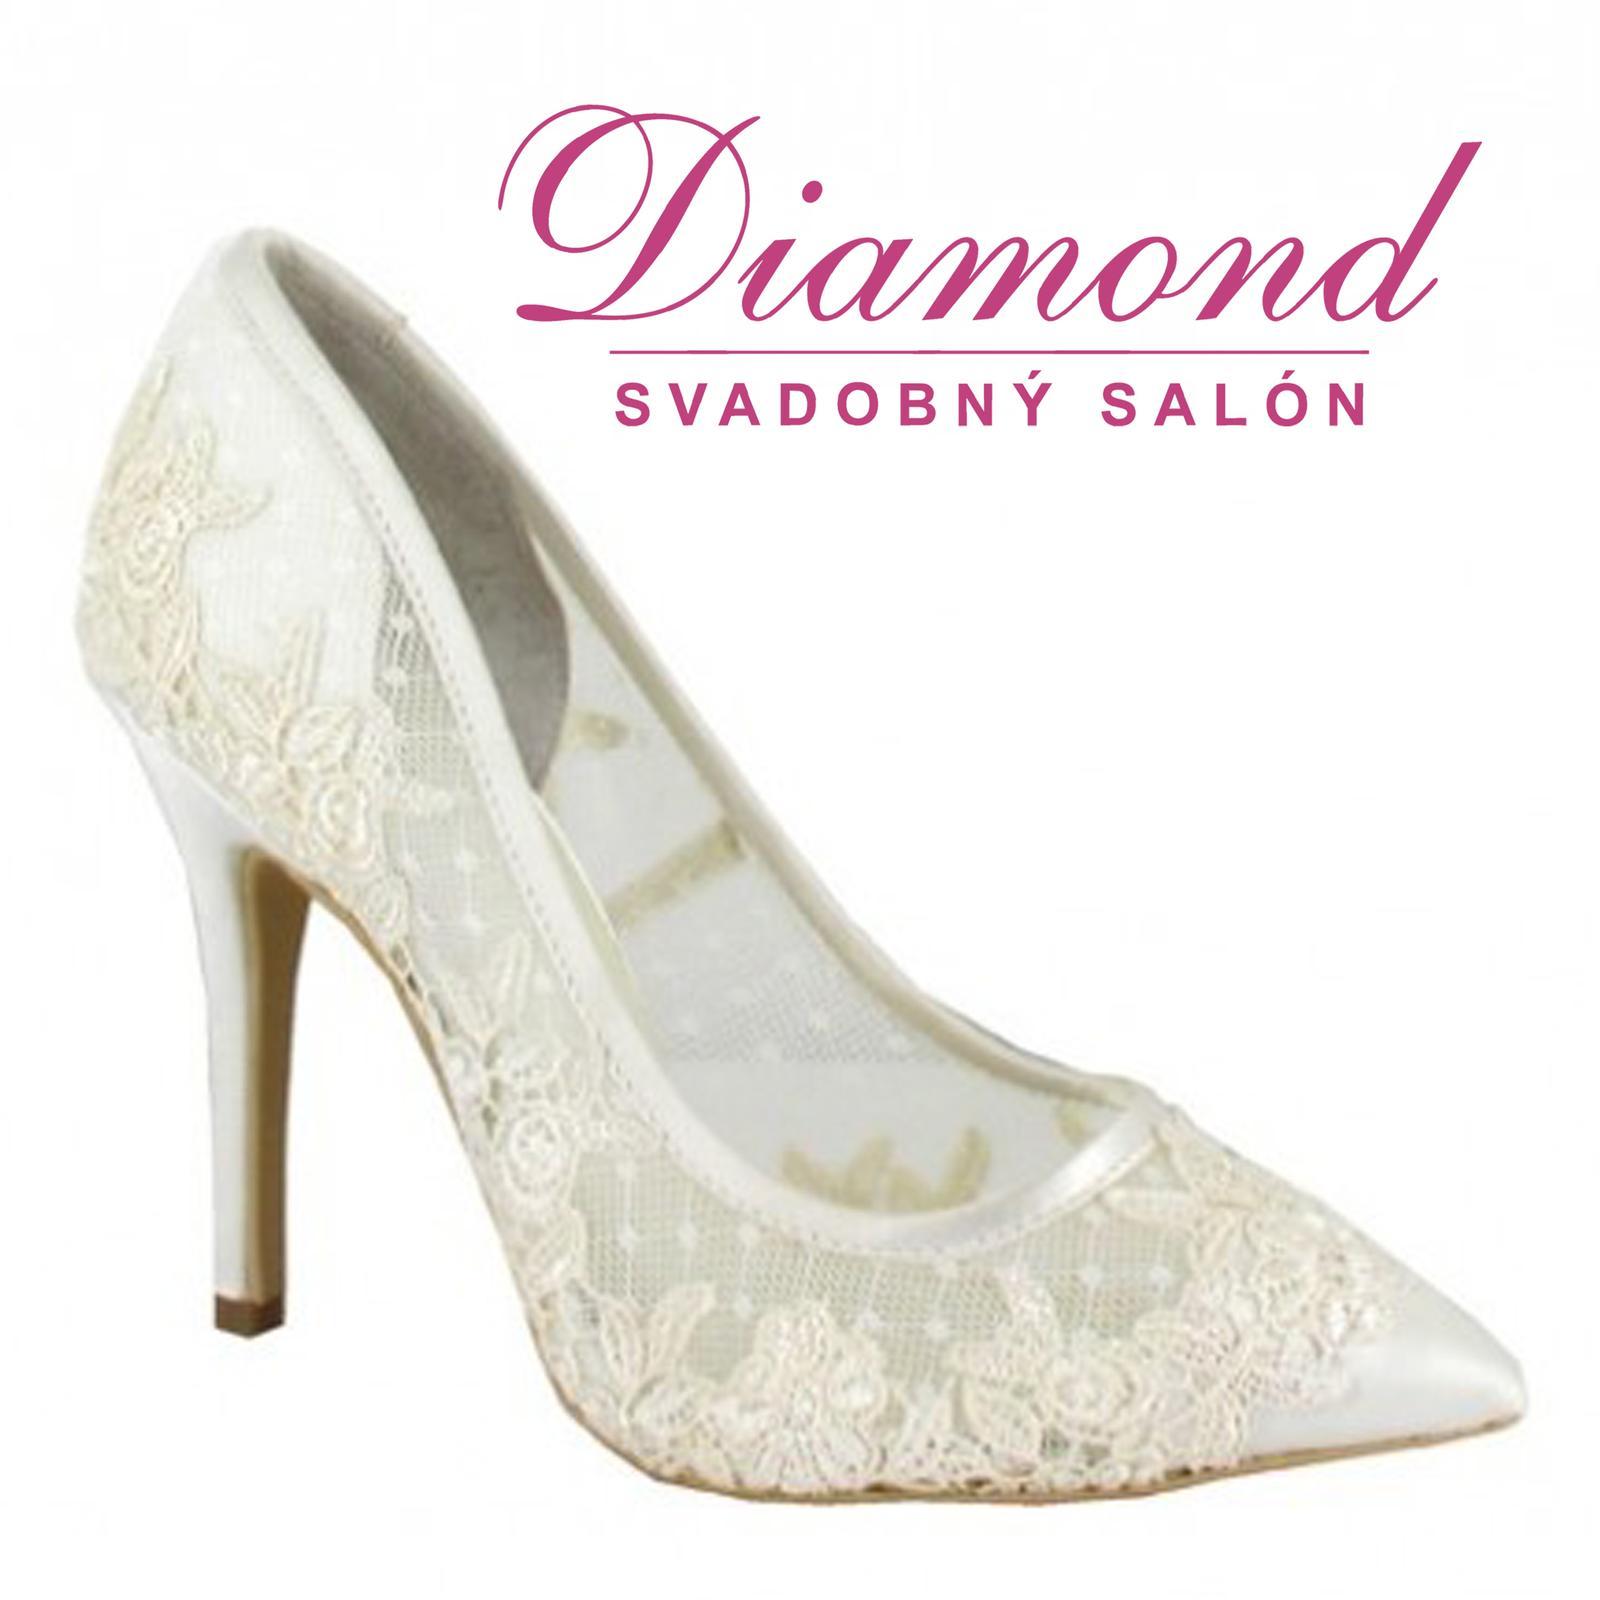 655775c0c613 Svadobné topánky amia (5976)